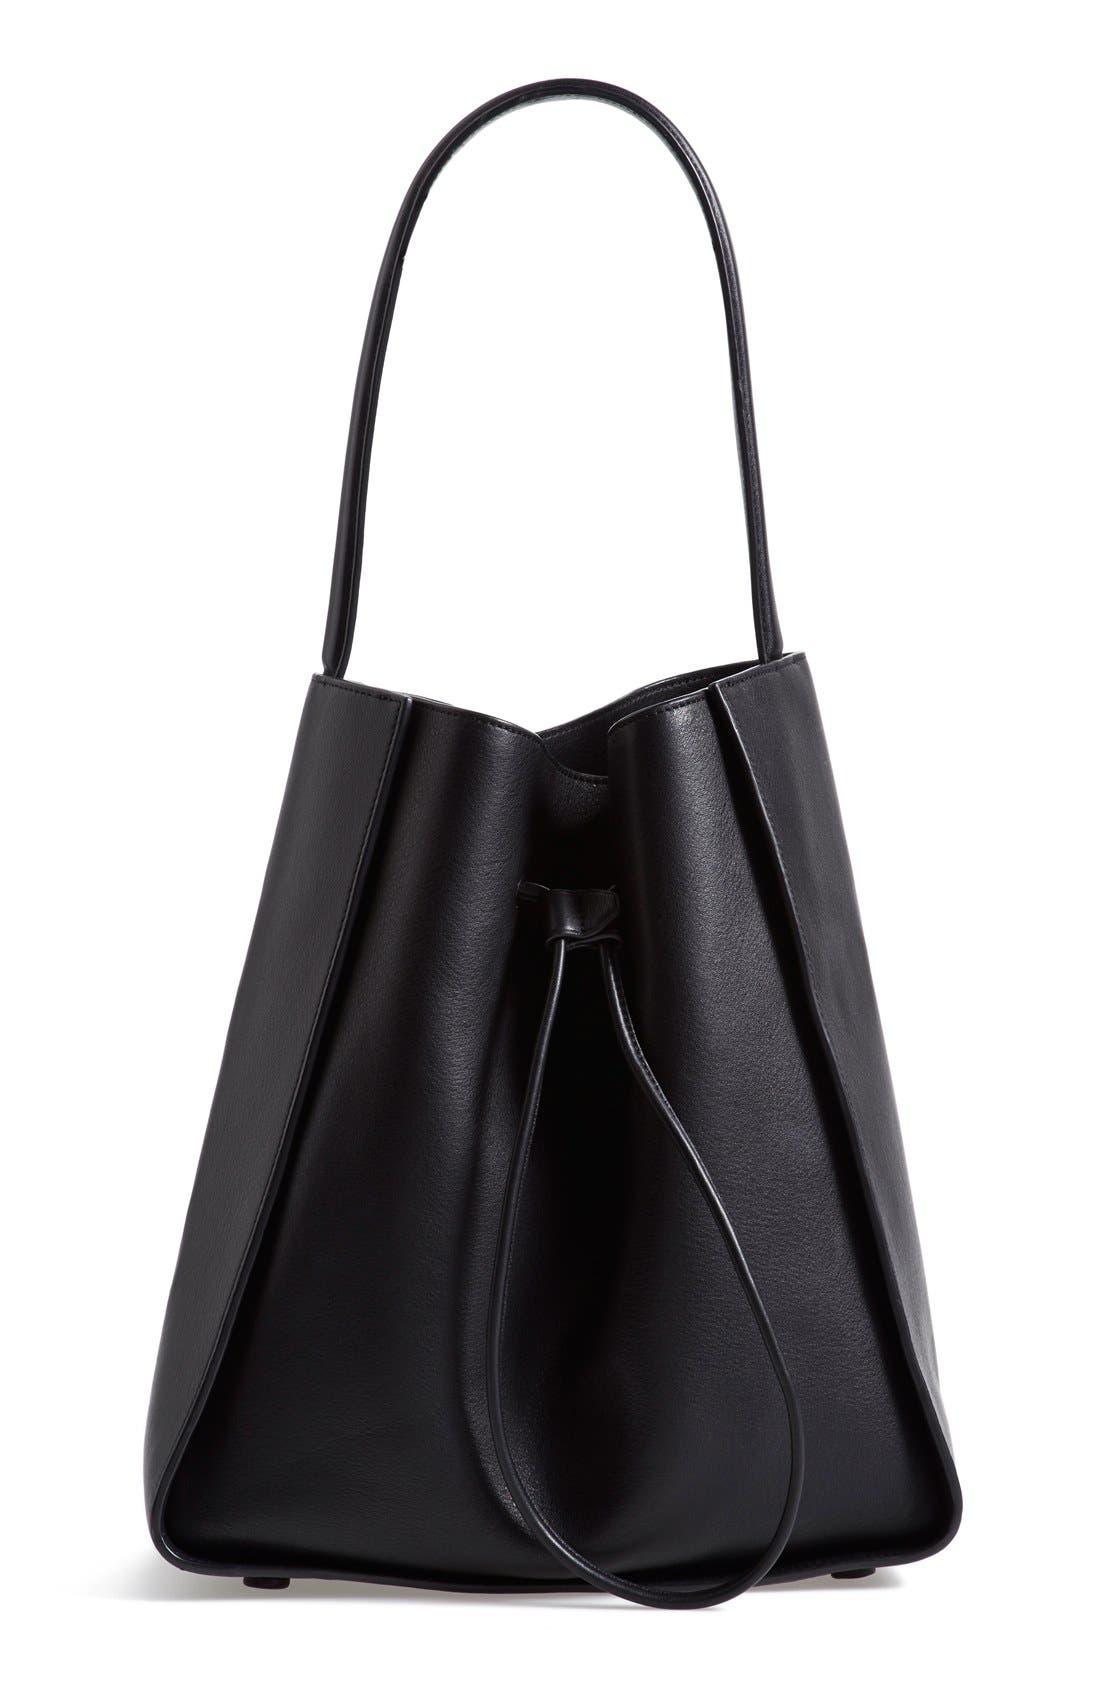 3.1 PHILLIP LIM, 'Large Soleil' Leather Bucket Bag, Main thumbnail 1, color, 001